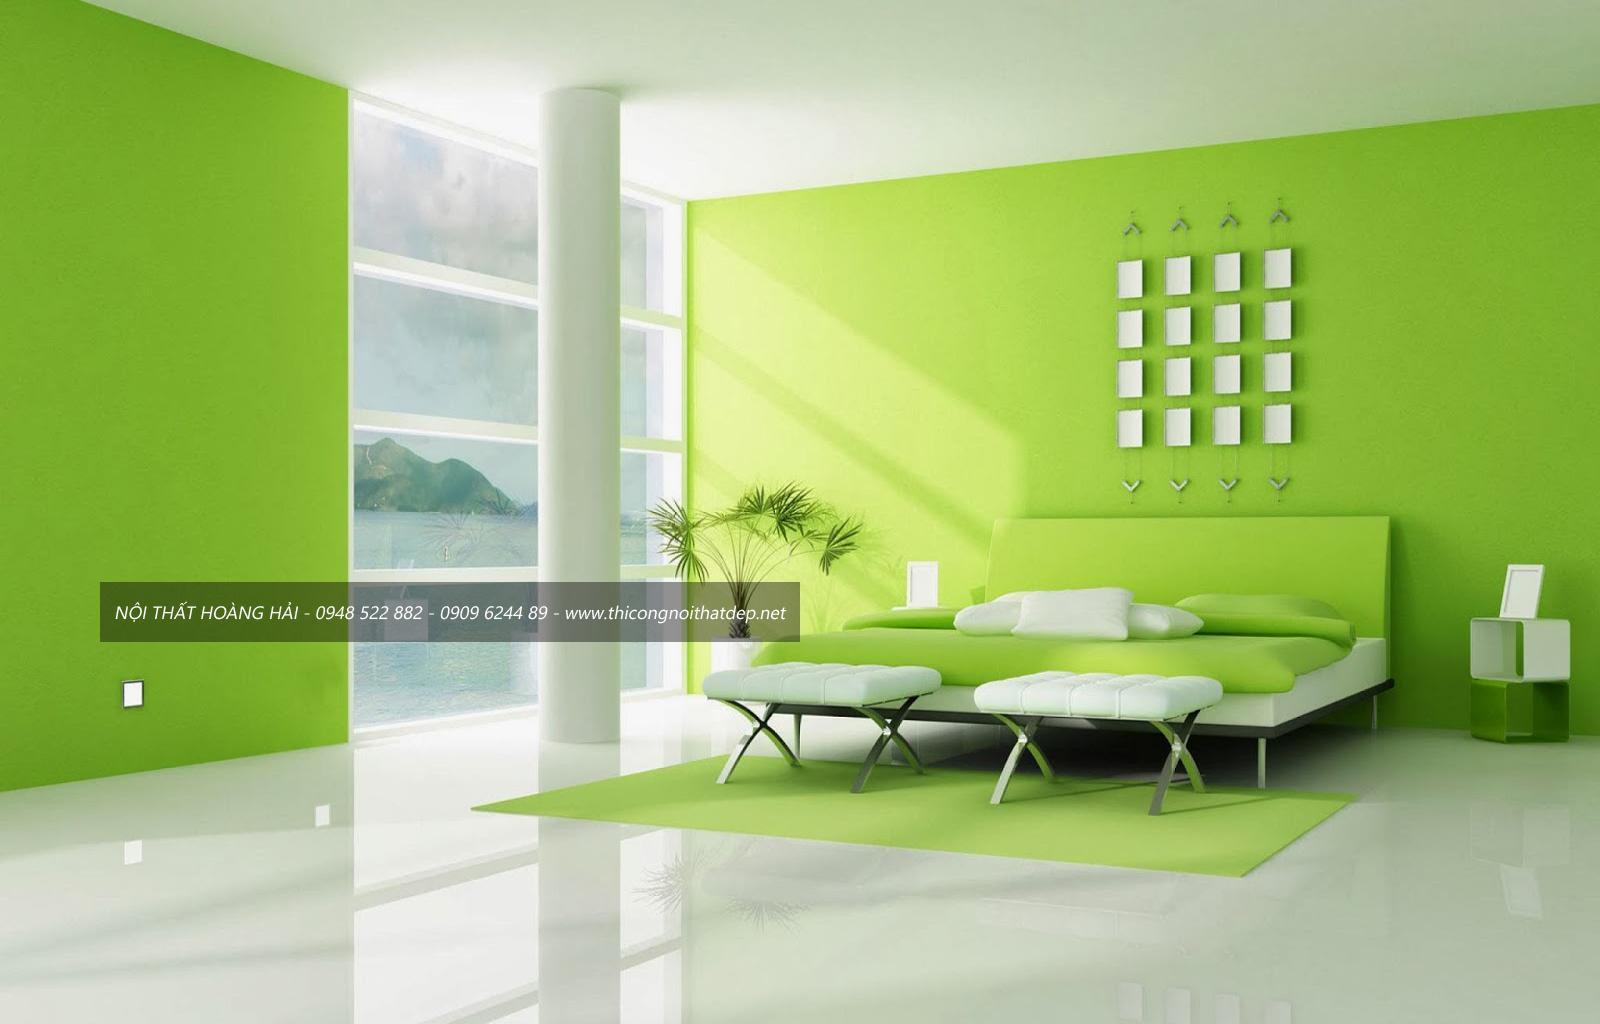 thiết kế nội thất chung cư với không gian xanh mát